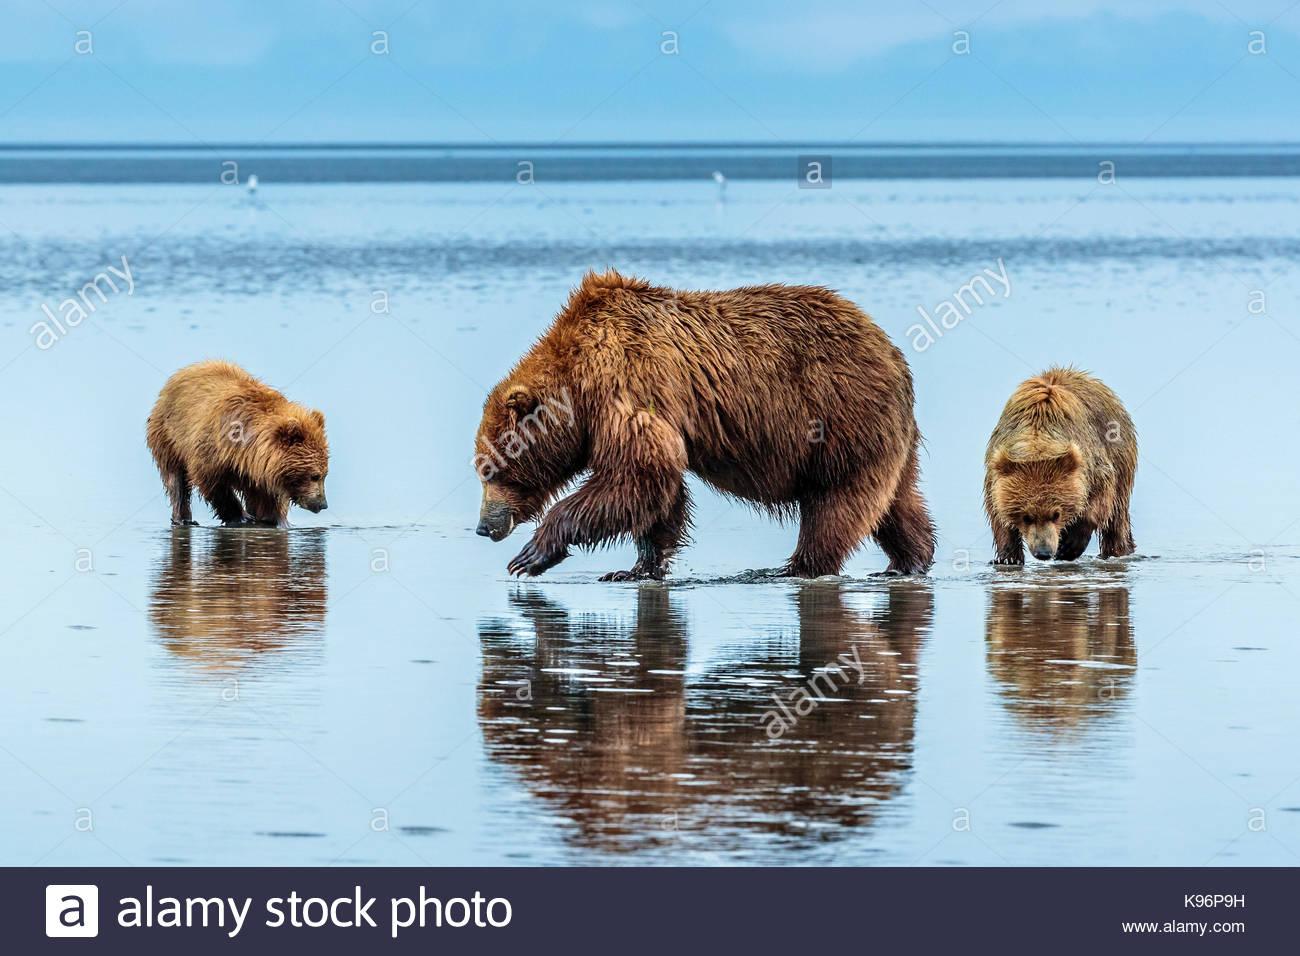 L'ours brun côtières, Ursus arctos, creuser et les palourdes à Sliver Salmon Creek dans la région Photo Stock